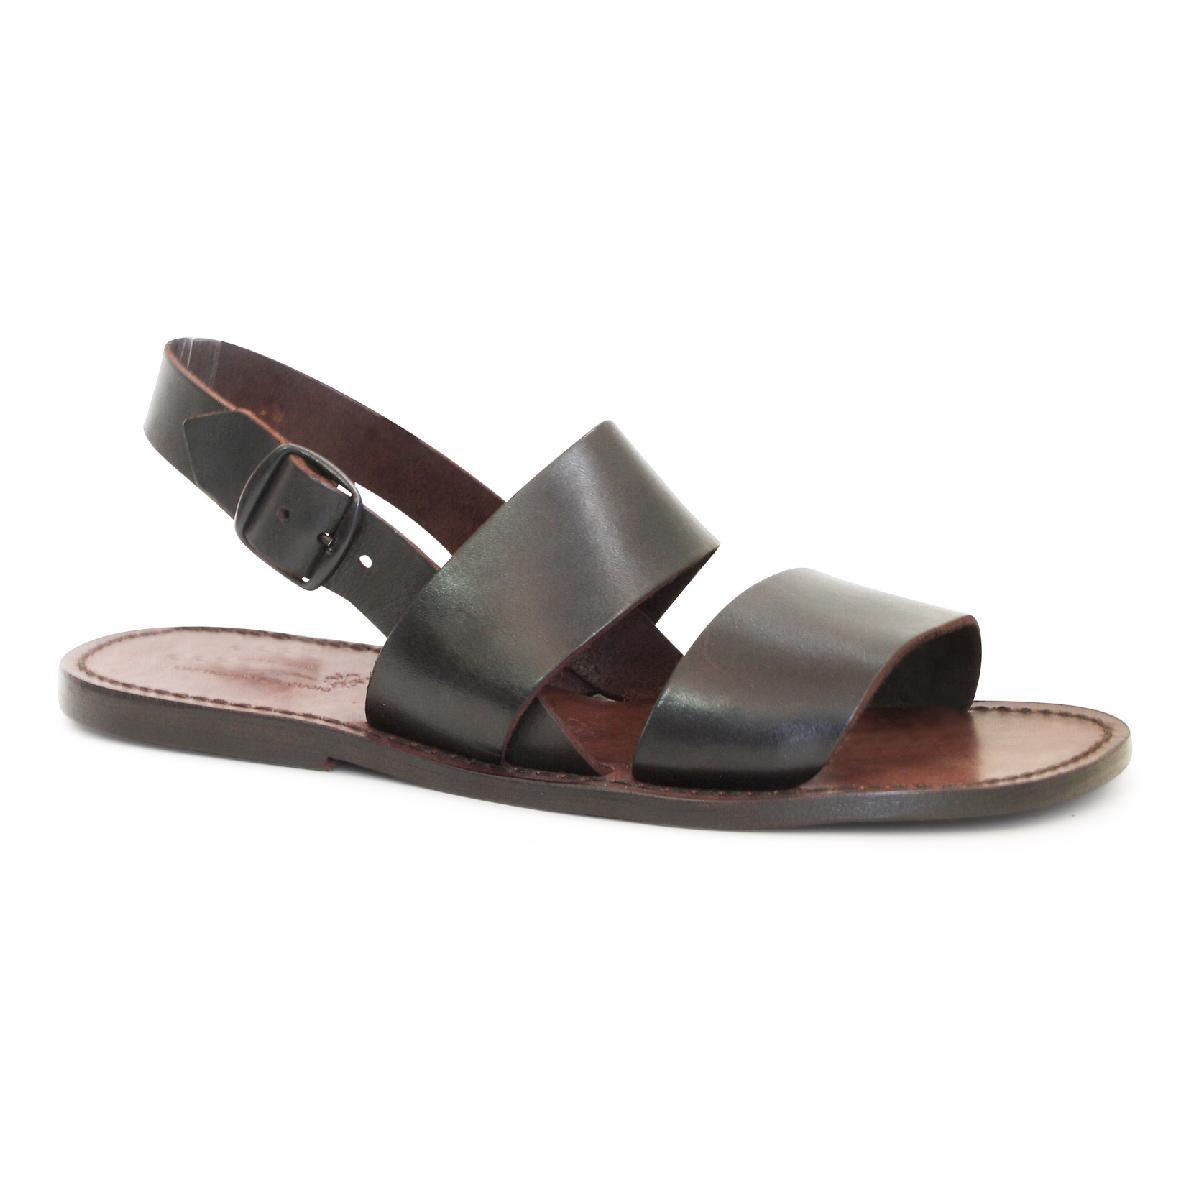 sandales franciscains en cuir marron pour homme gianluca l 39 artisan du cuir. Black Bedroom Furniture Sets. Home Design Ideas